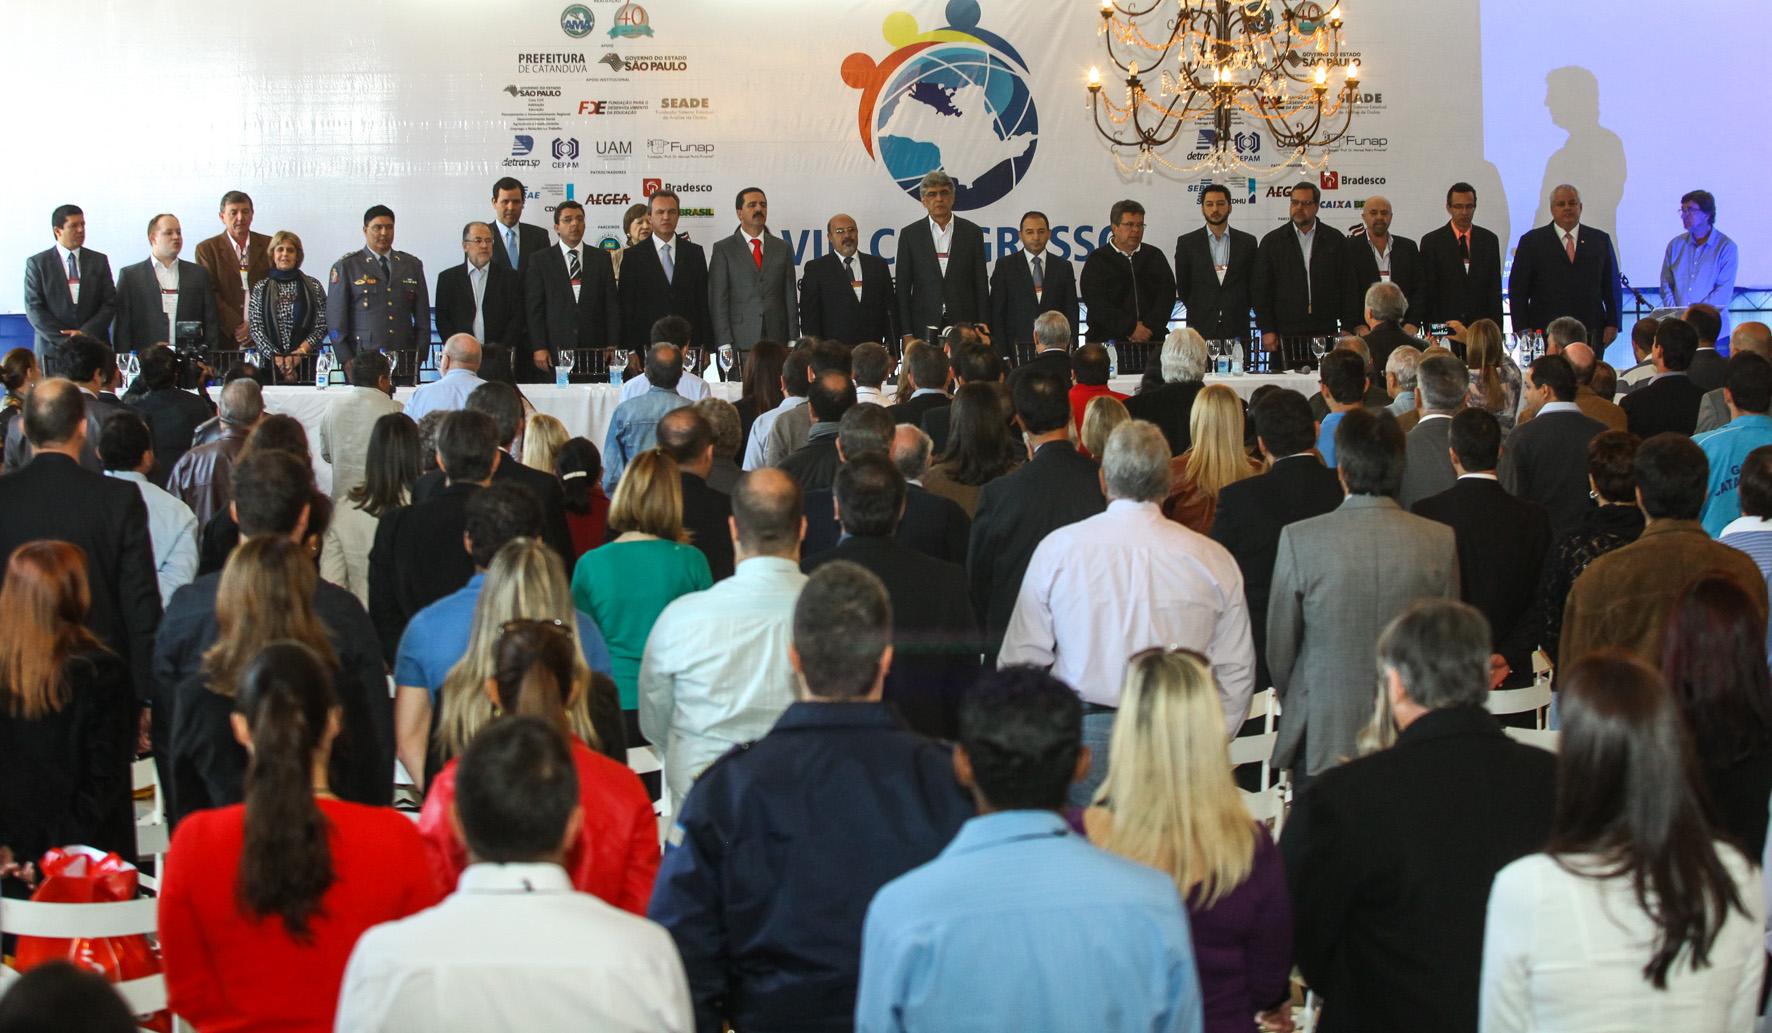 CONGRESSO DA AMA REÚNE MAIS DE 5 MIL GESTORES E AGENTES PÚBLICOS PARA DEBATER O DESENVOLVIMENTO REGIONAL